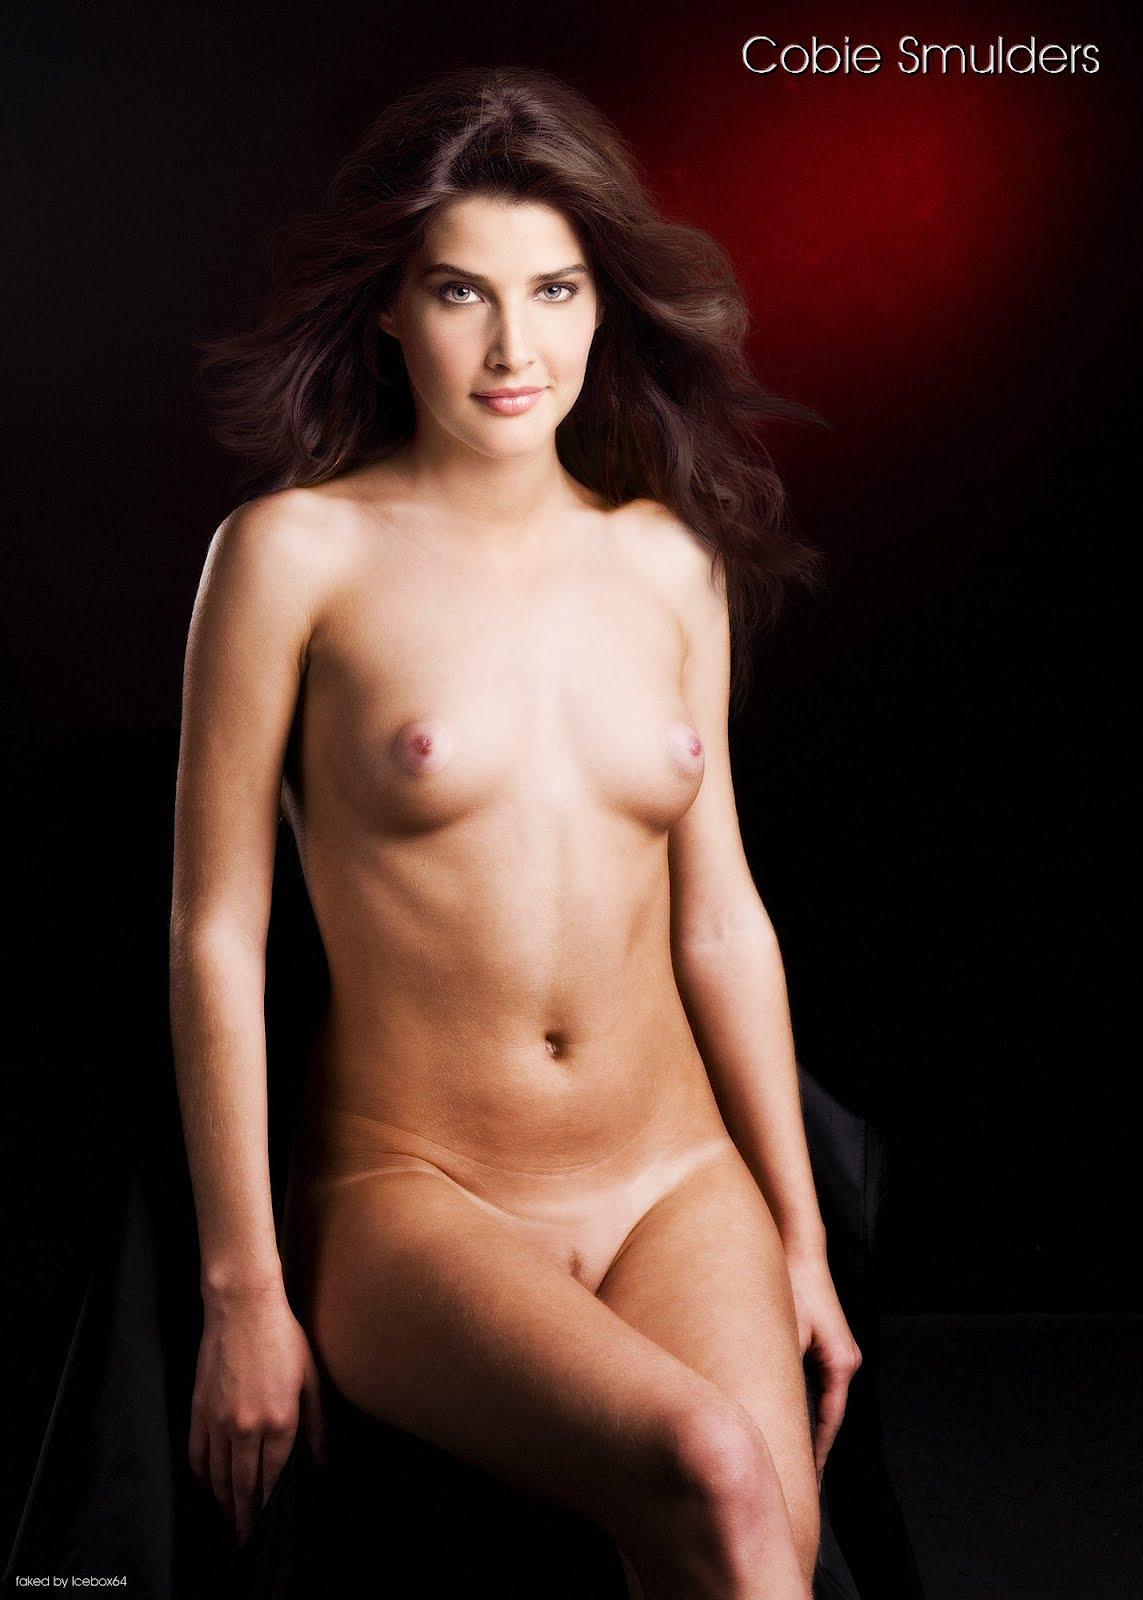 nude pictures f cobie smulders fake naked filmvz portal